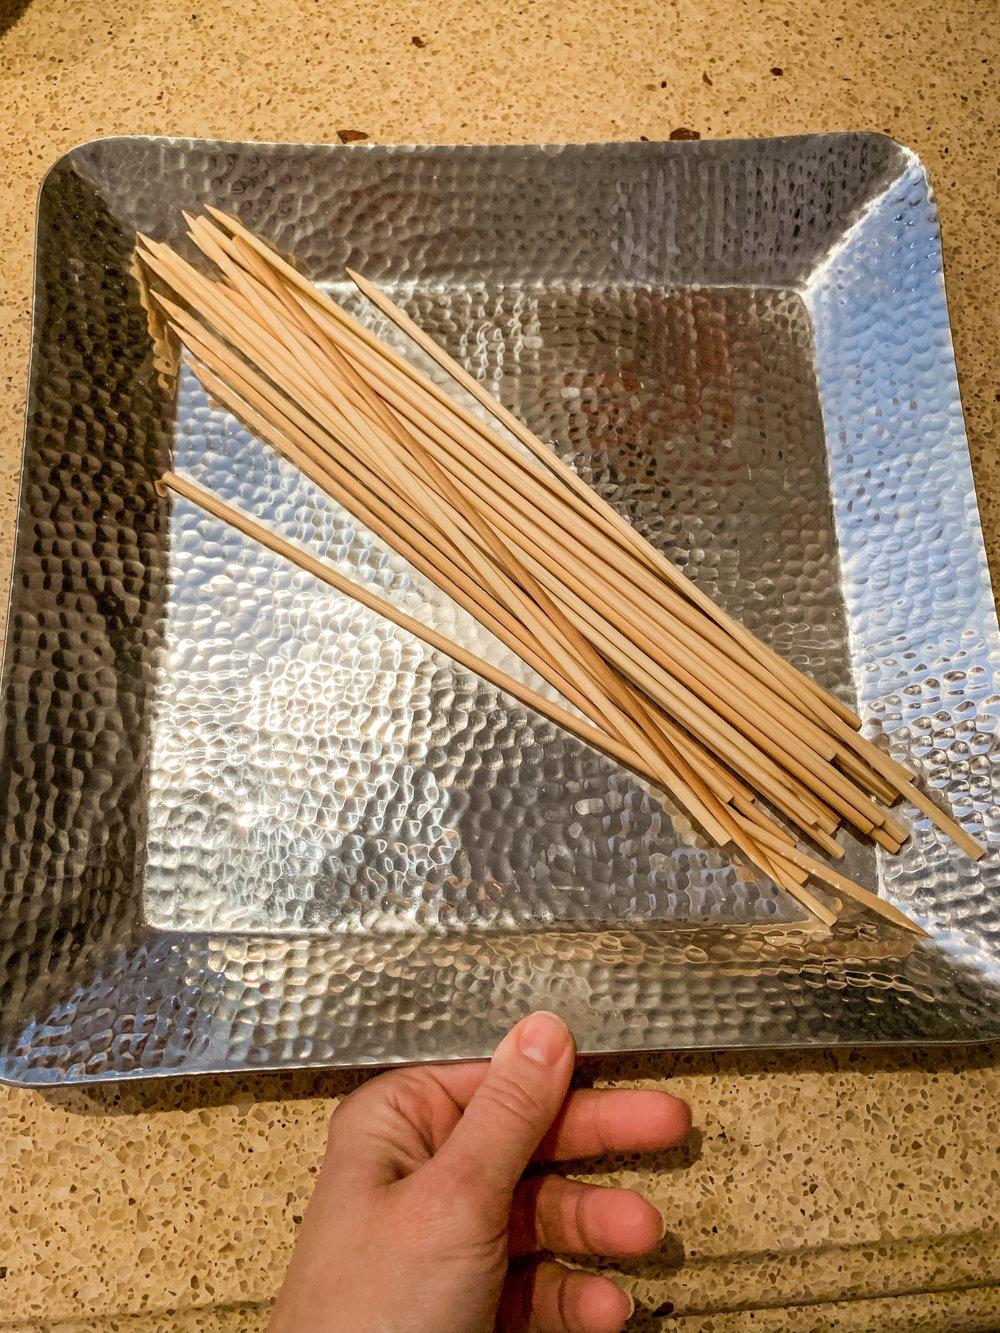 Step 2 - Soak skewers so wood does not splinter